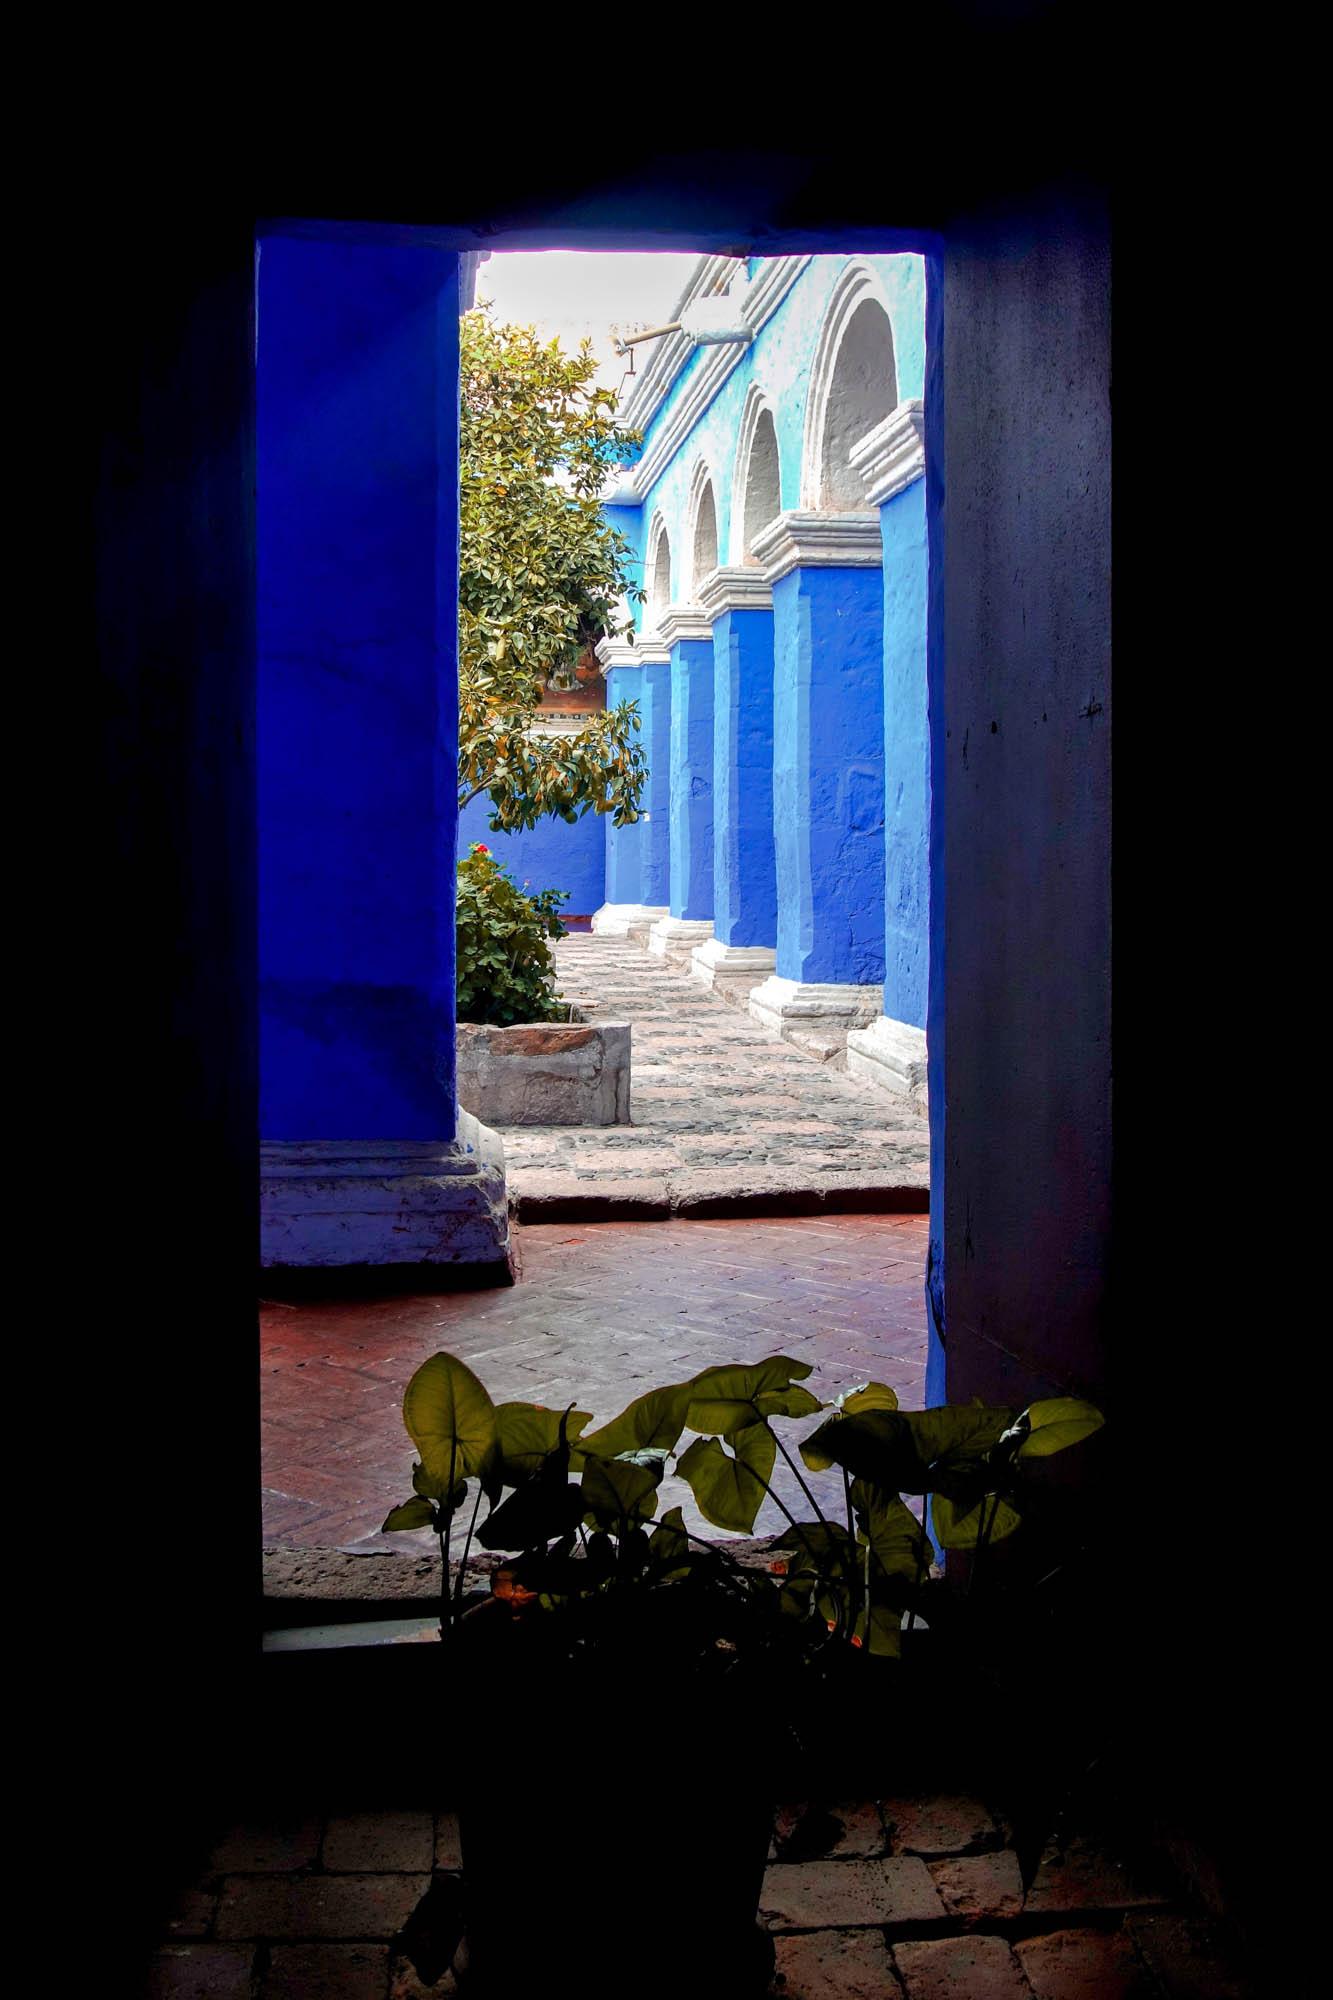 Le couvent Santa Catalina et ses murs colorés